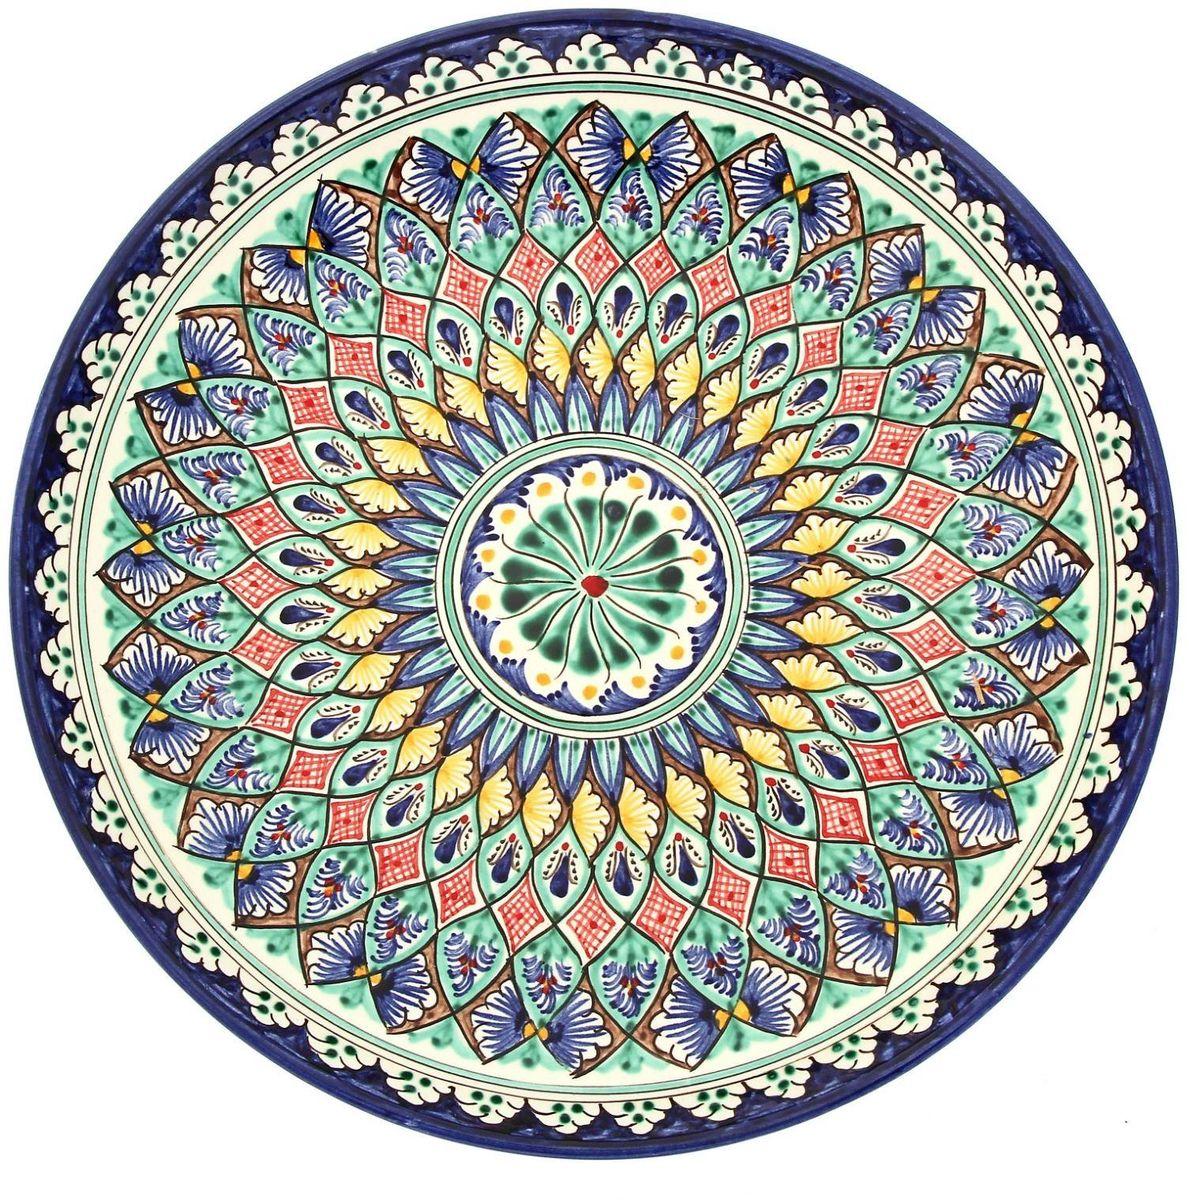 Ляган Риштанская керамика, диаметр 31 см. 19234671923467Ляган — это не просто обеденный атрибут, это украшение стола. Посуда с национальной росписью станет отменным подарком для ценителей высокородной посуды.Риштан — город на востоке Узбекистана, один из древнейших в Ферганской долине. С давних времён Риштан славится своим гончарным искусством изготовления цветной керамики. Красноватую глину для изделия добывают в самом городе. Мастера утверждают, что их глина настолько высокого качества, что даже не нуждается в предварительной обработке. Дополните коллекцию кухонных аксессуаров пряными восточными нотами.